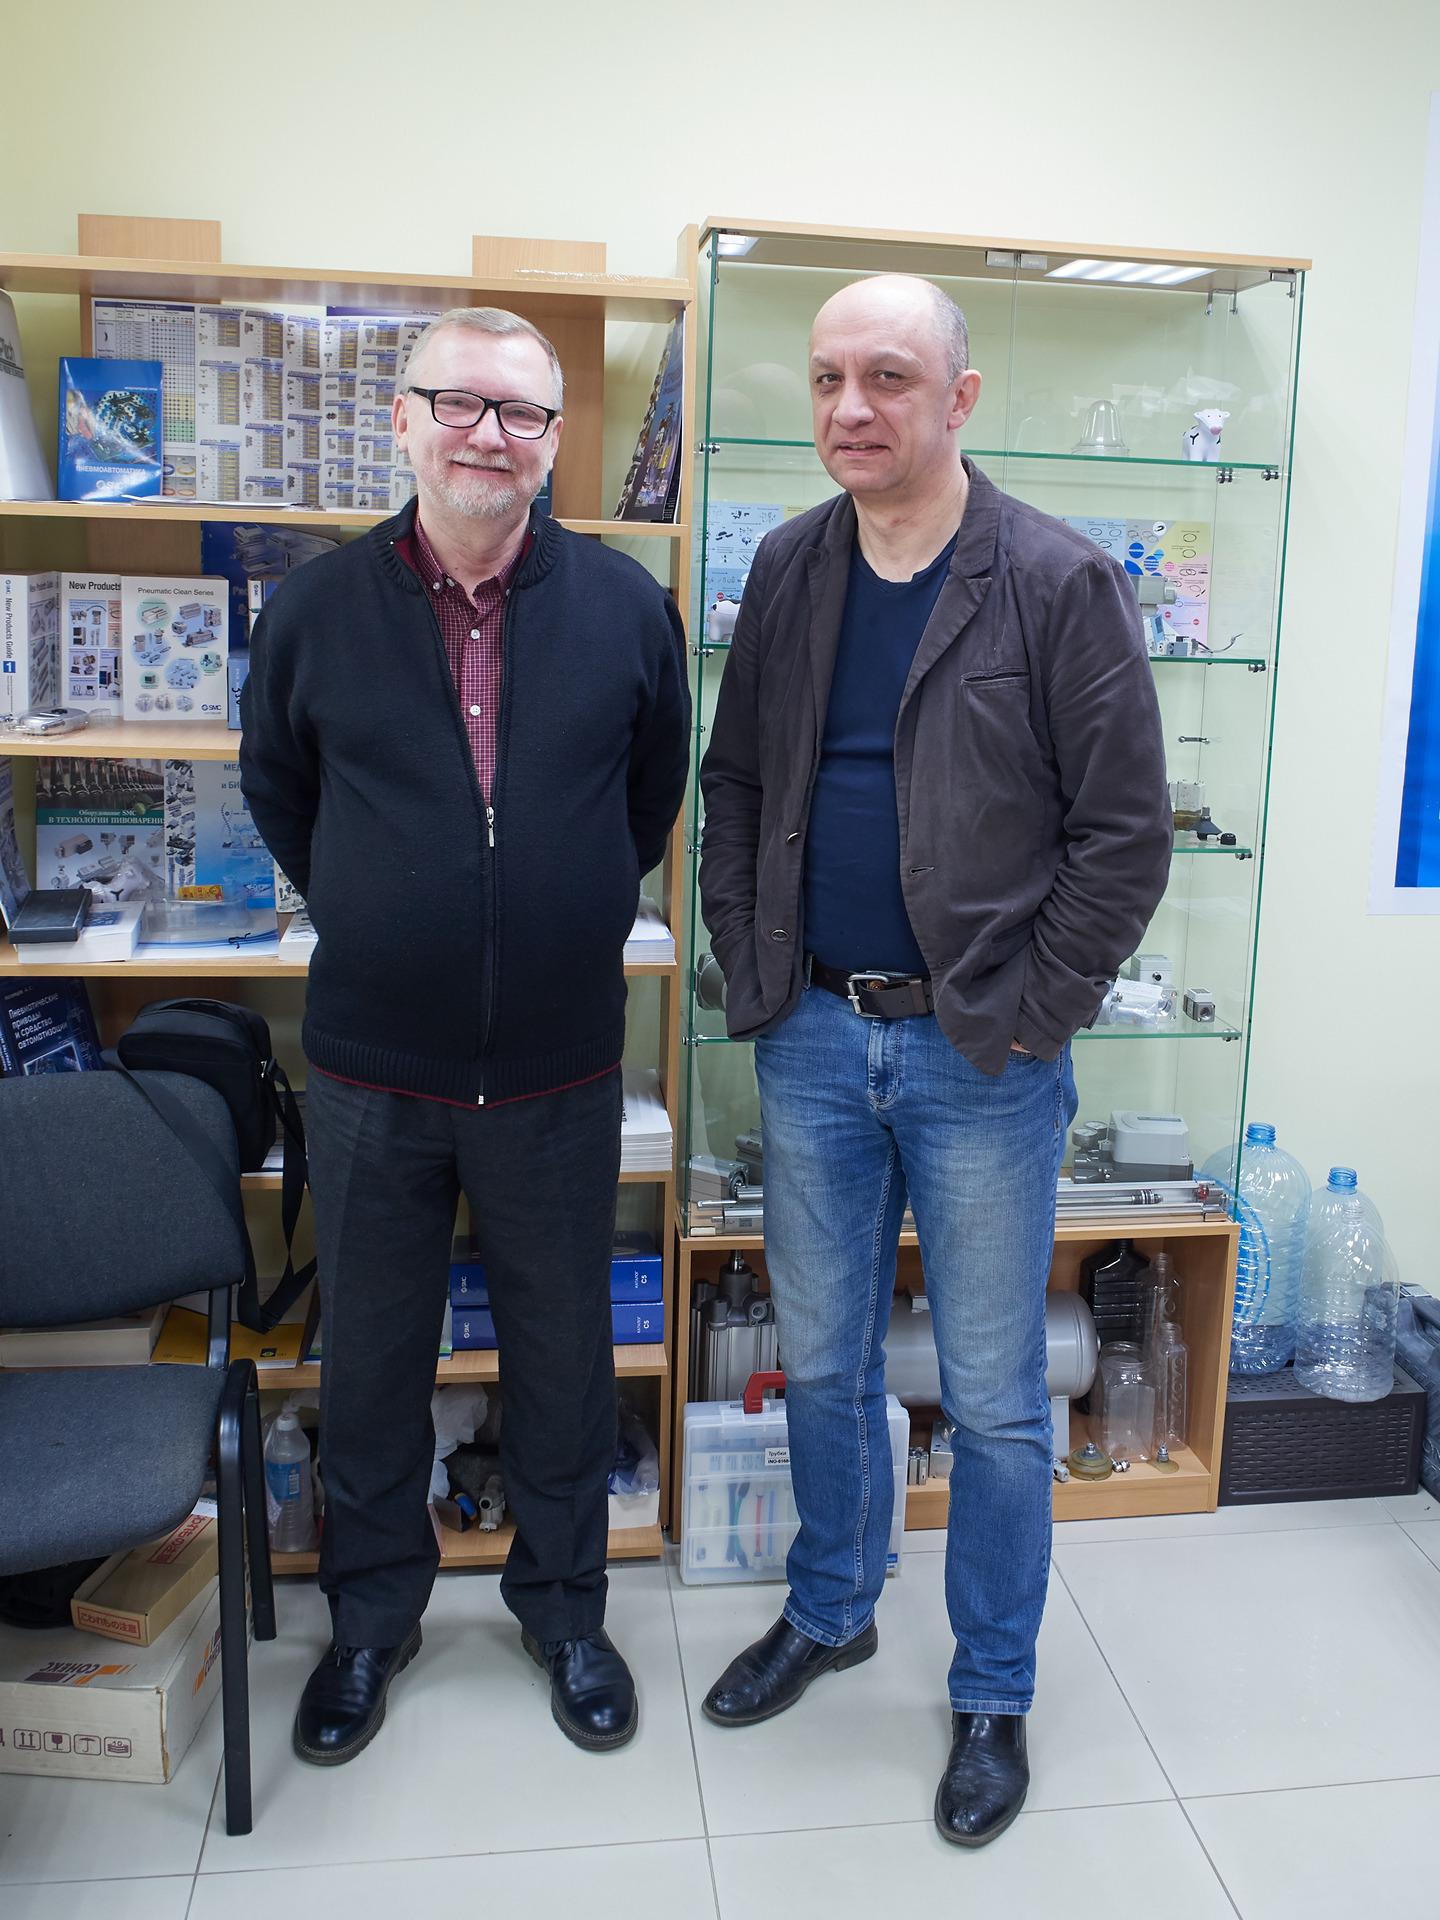 Владимир Дмитриев SMC ЭС ЭМ СИ Пневматик